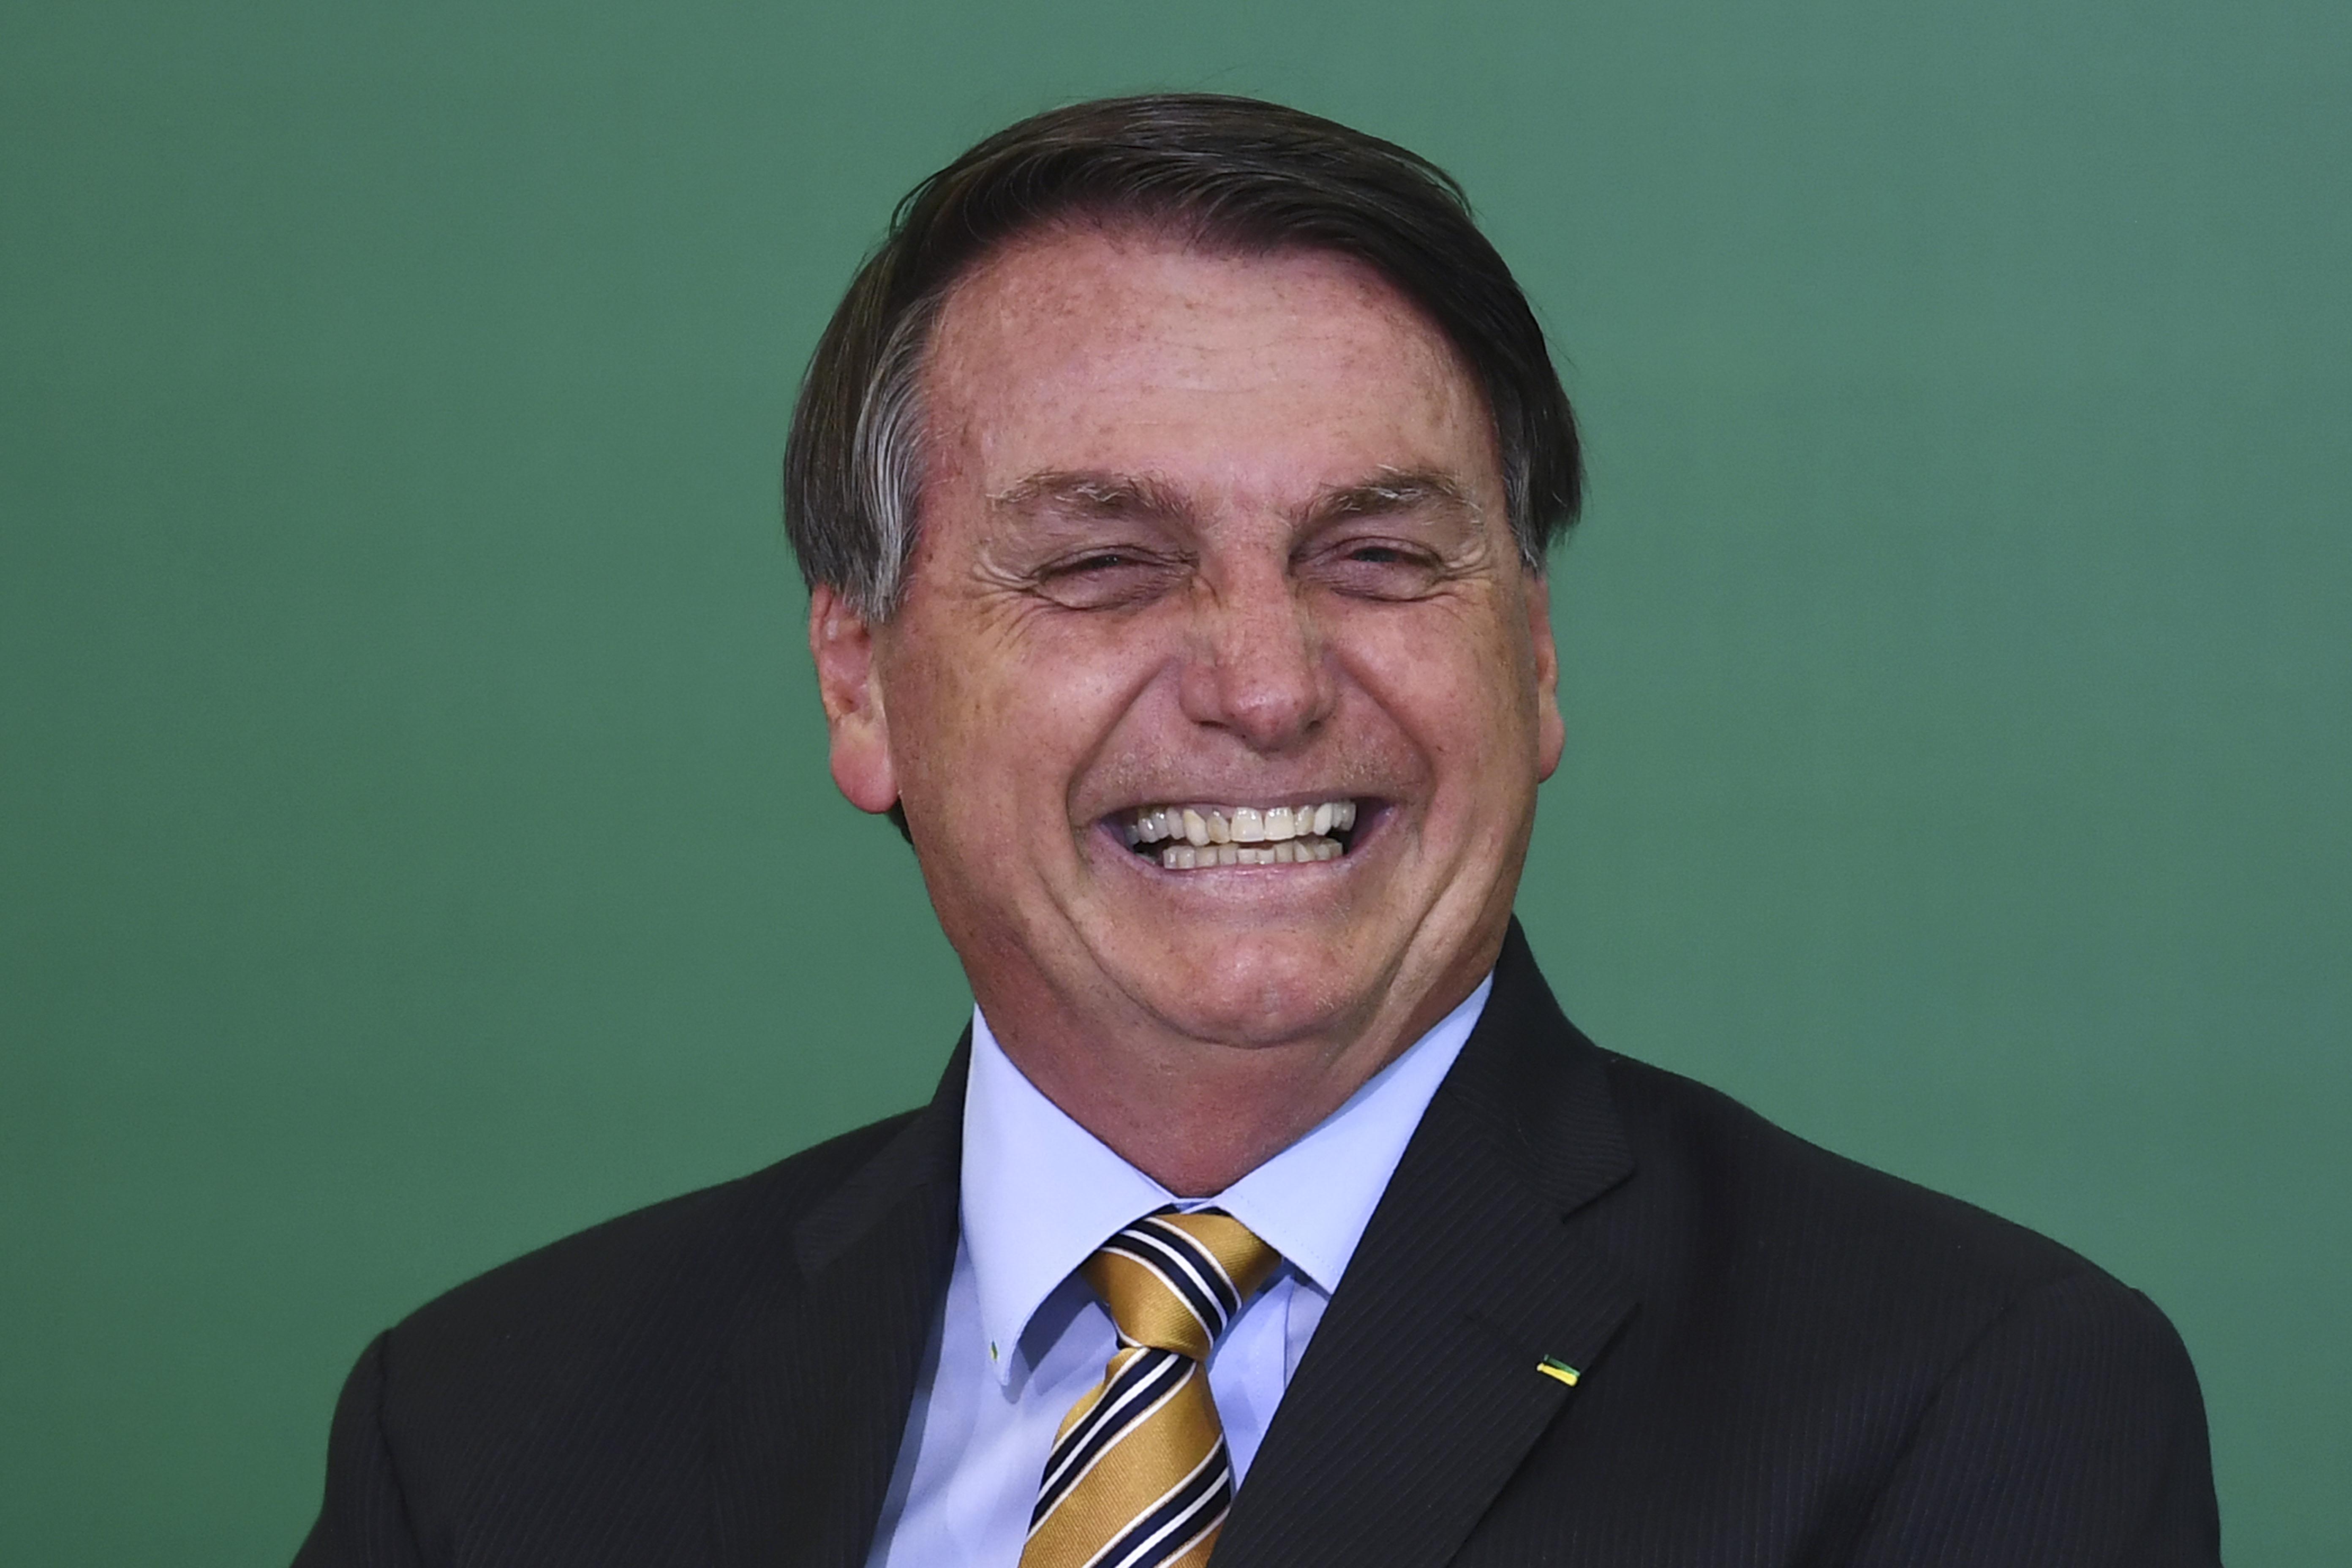 Bolsonaro szerint a 2022-es választások után három dolog várhat rá: börtön, halál vagy győzelem